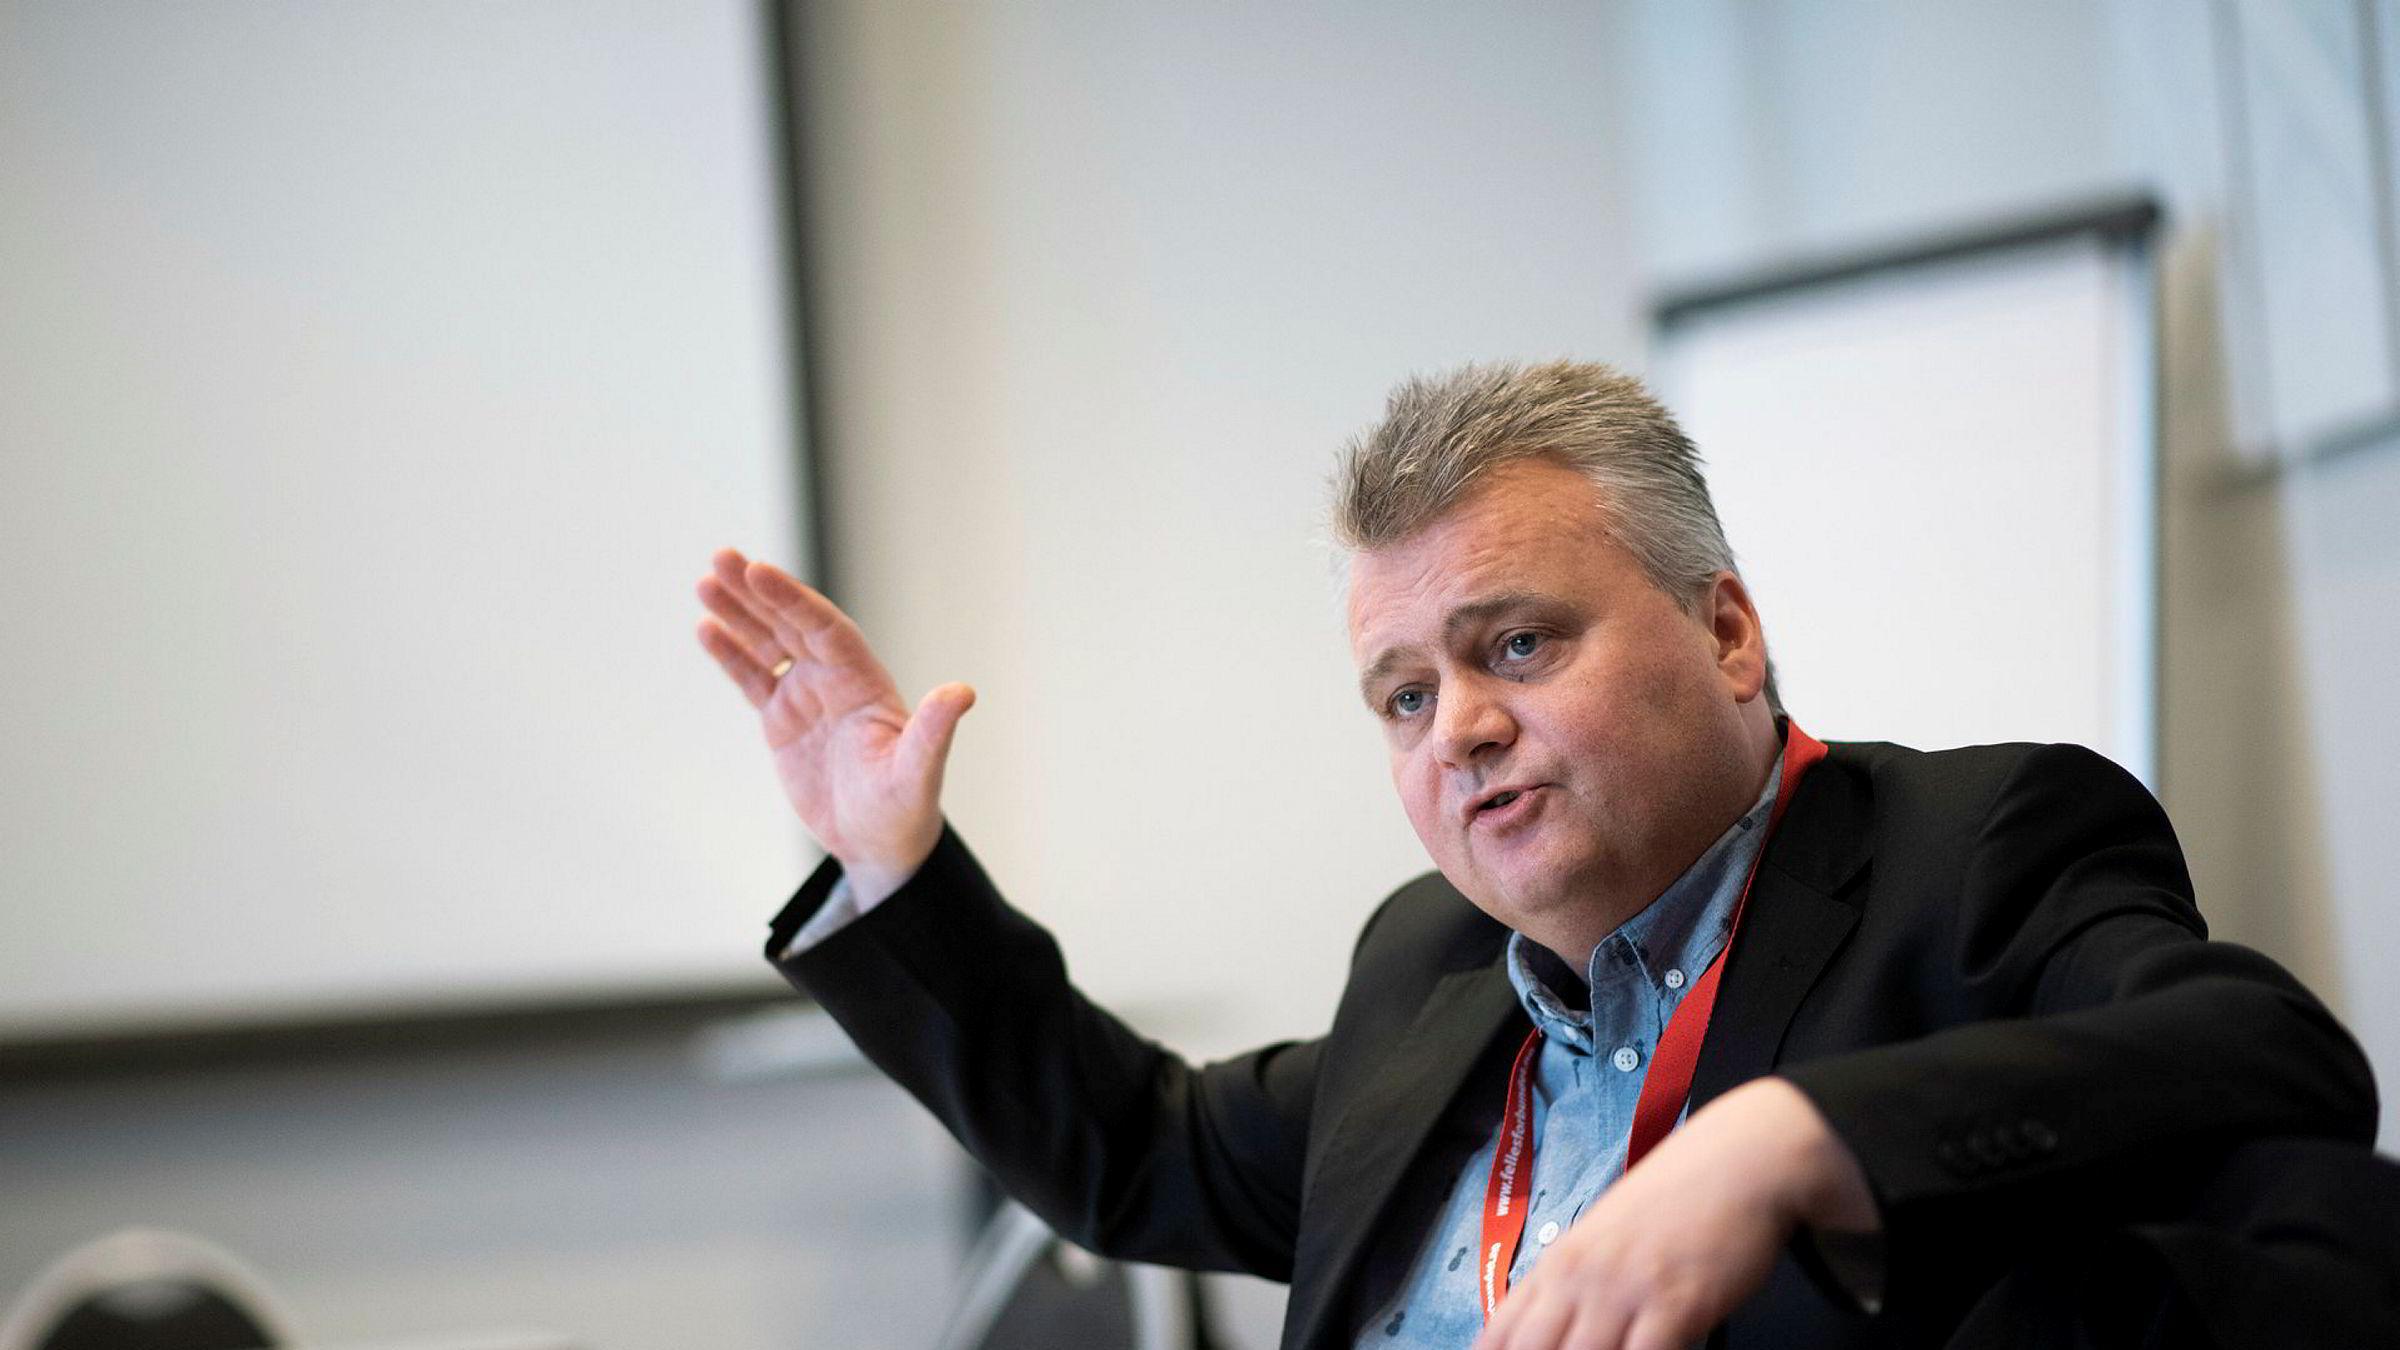 EØS-saken har vært det heteste temaet for leder Jørn Eggum under landsmøtet til Fellesforbundet den siste knappe uken.